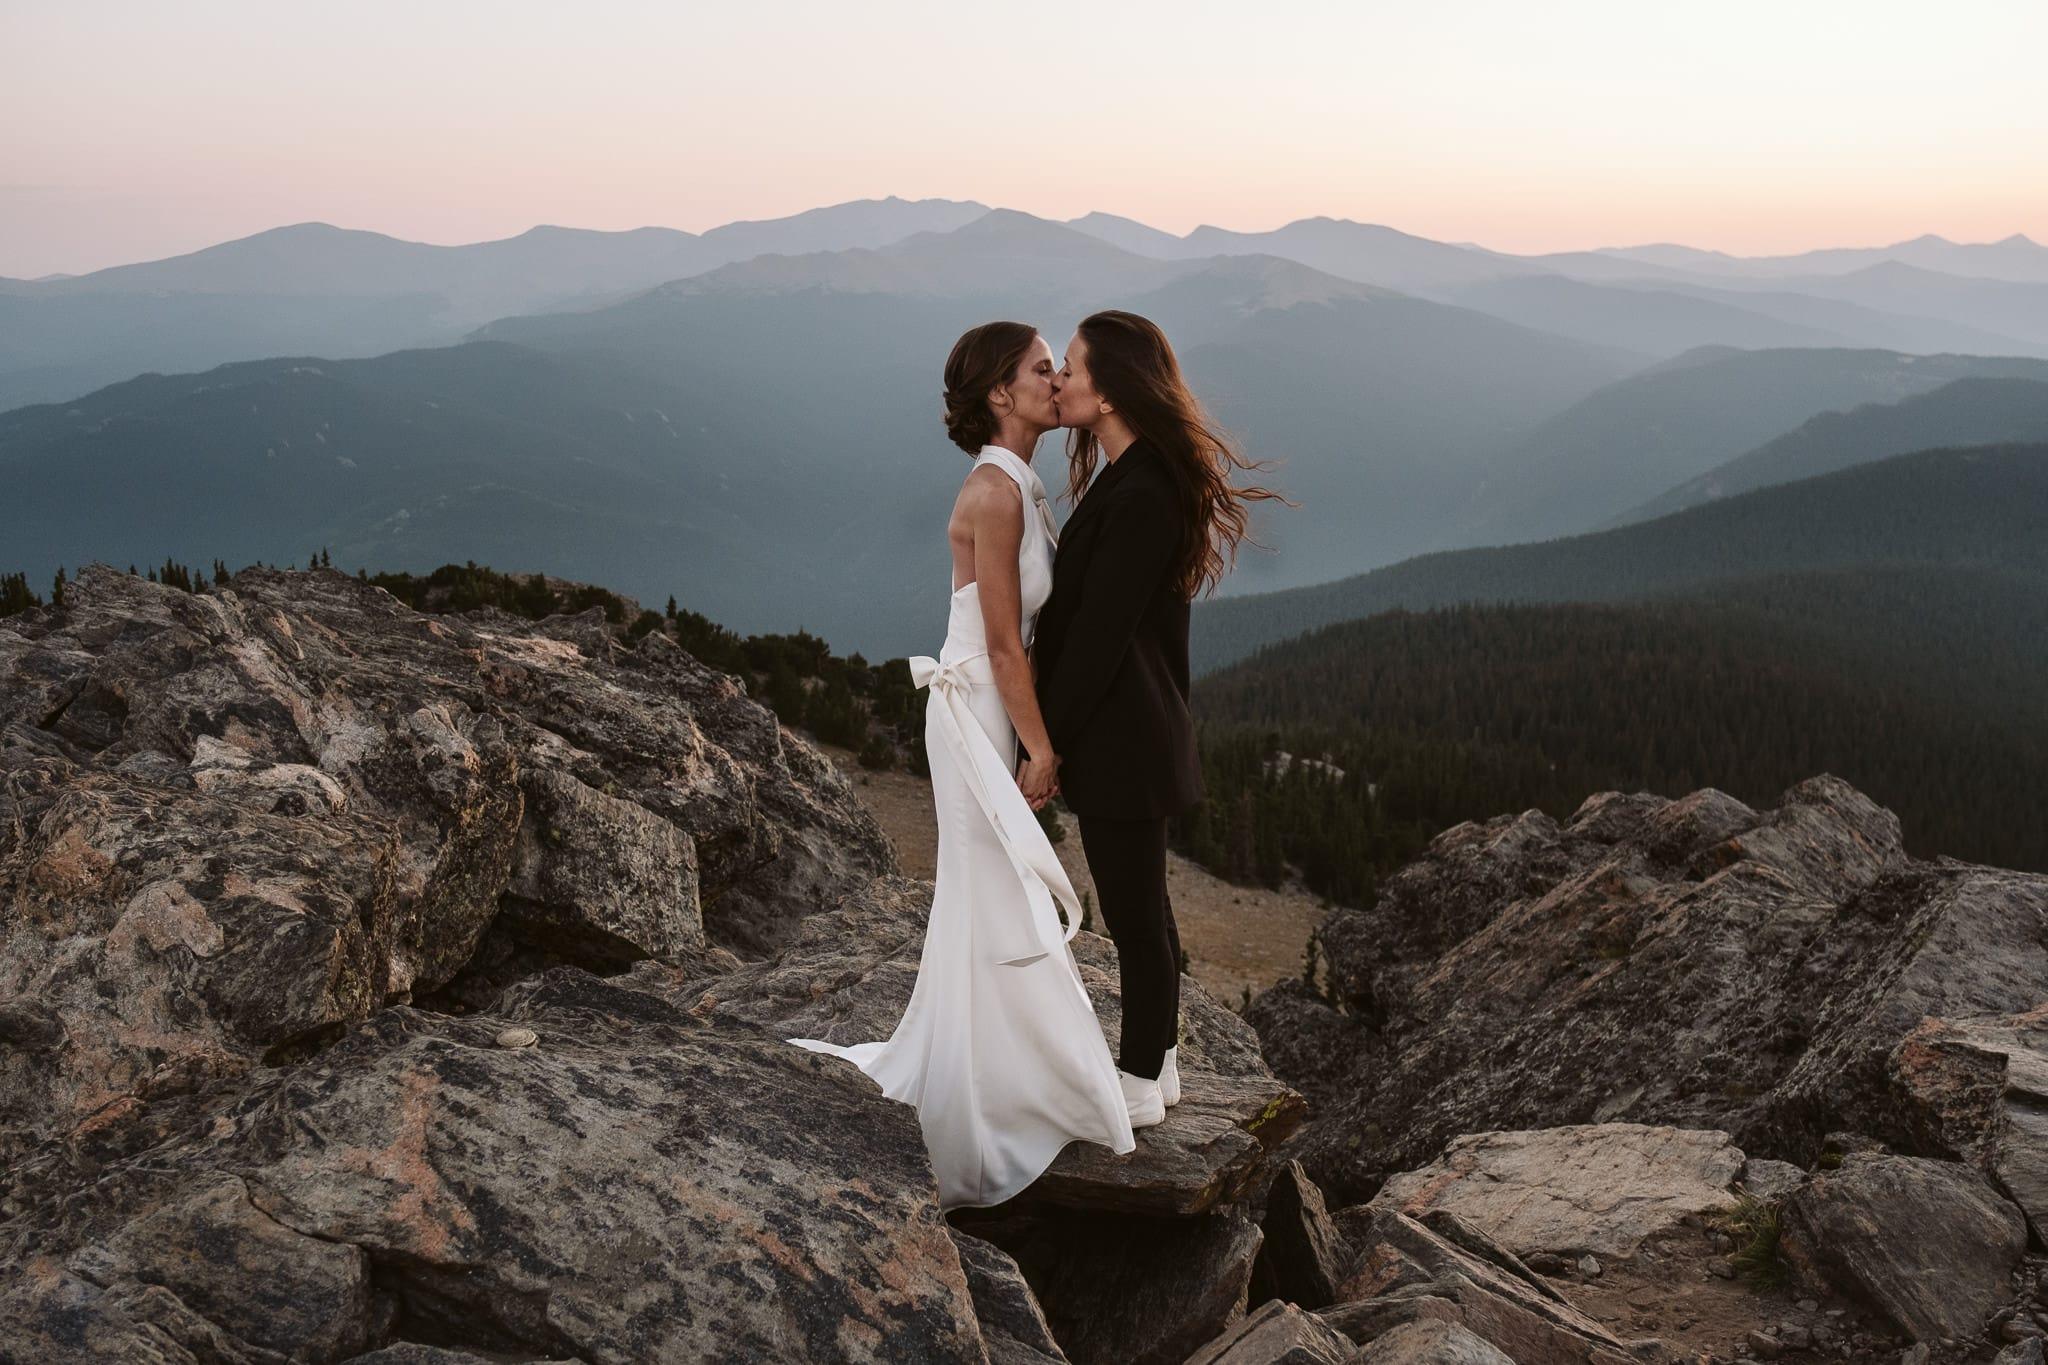 LGBTQ+ adventure elopement in Colorado